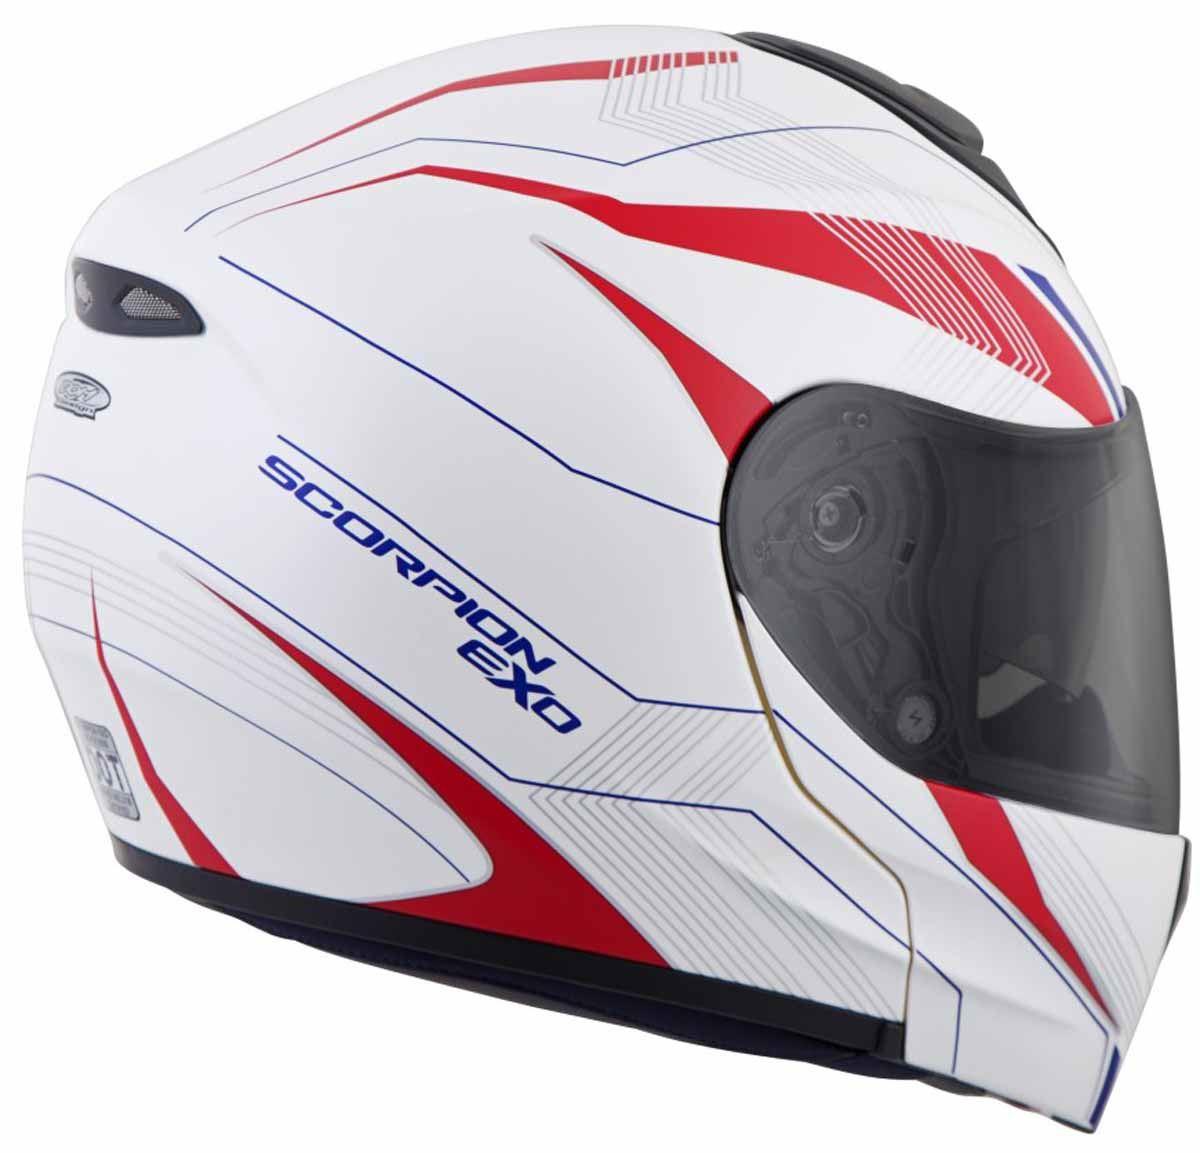 Scorpion-EXO-GT3000-Helmet-Modular-Flip-Up-Premium-DOT-Approved-XS-2XL miniature 26